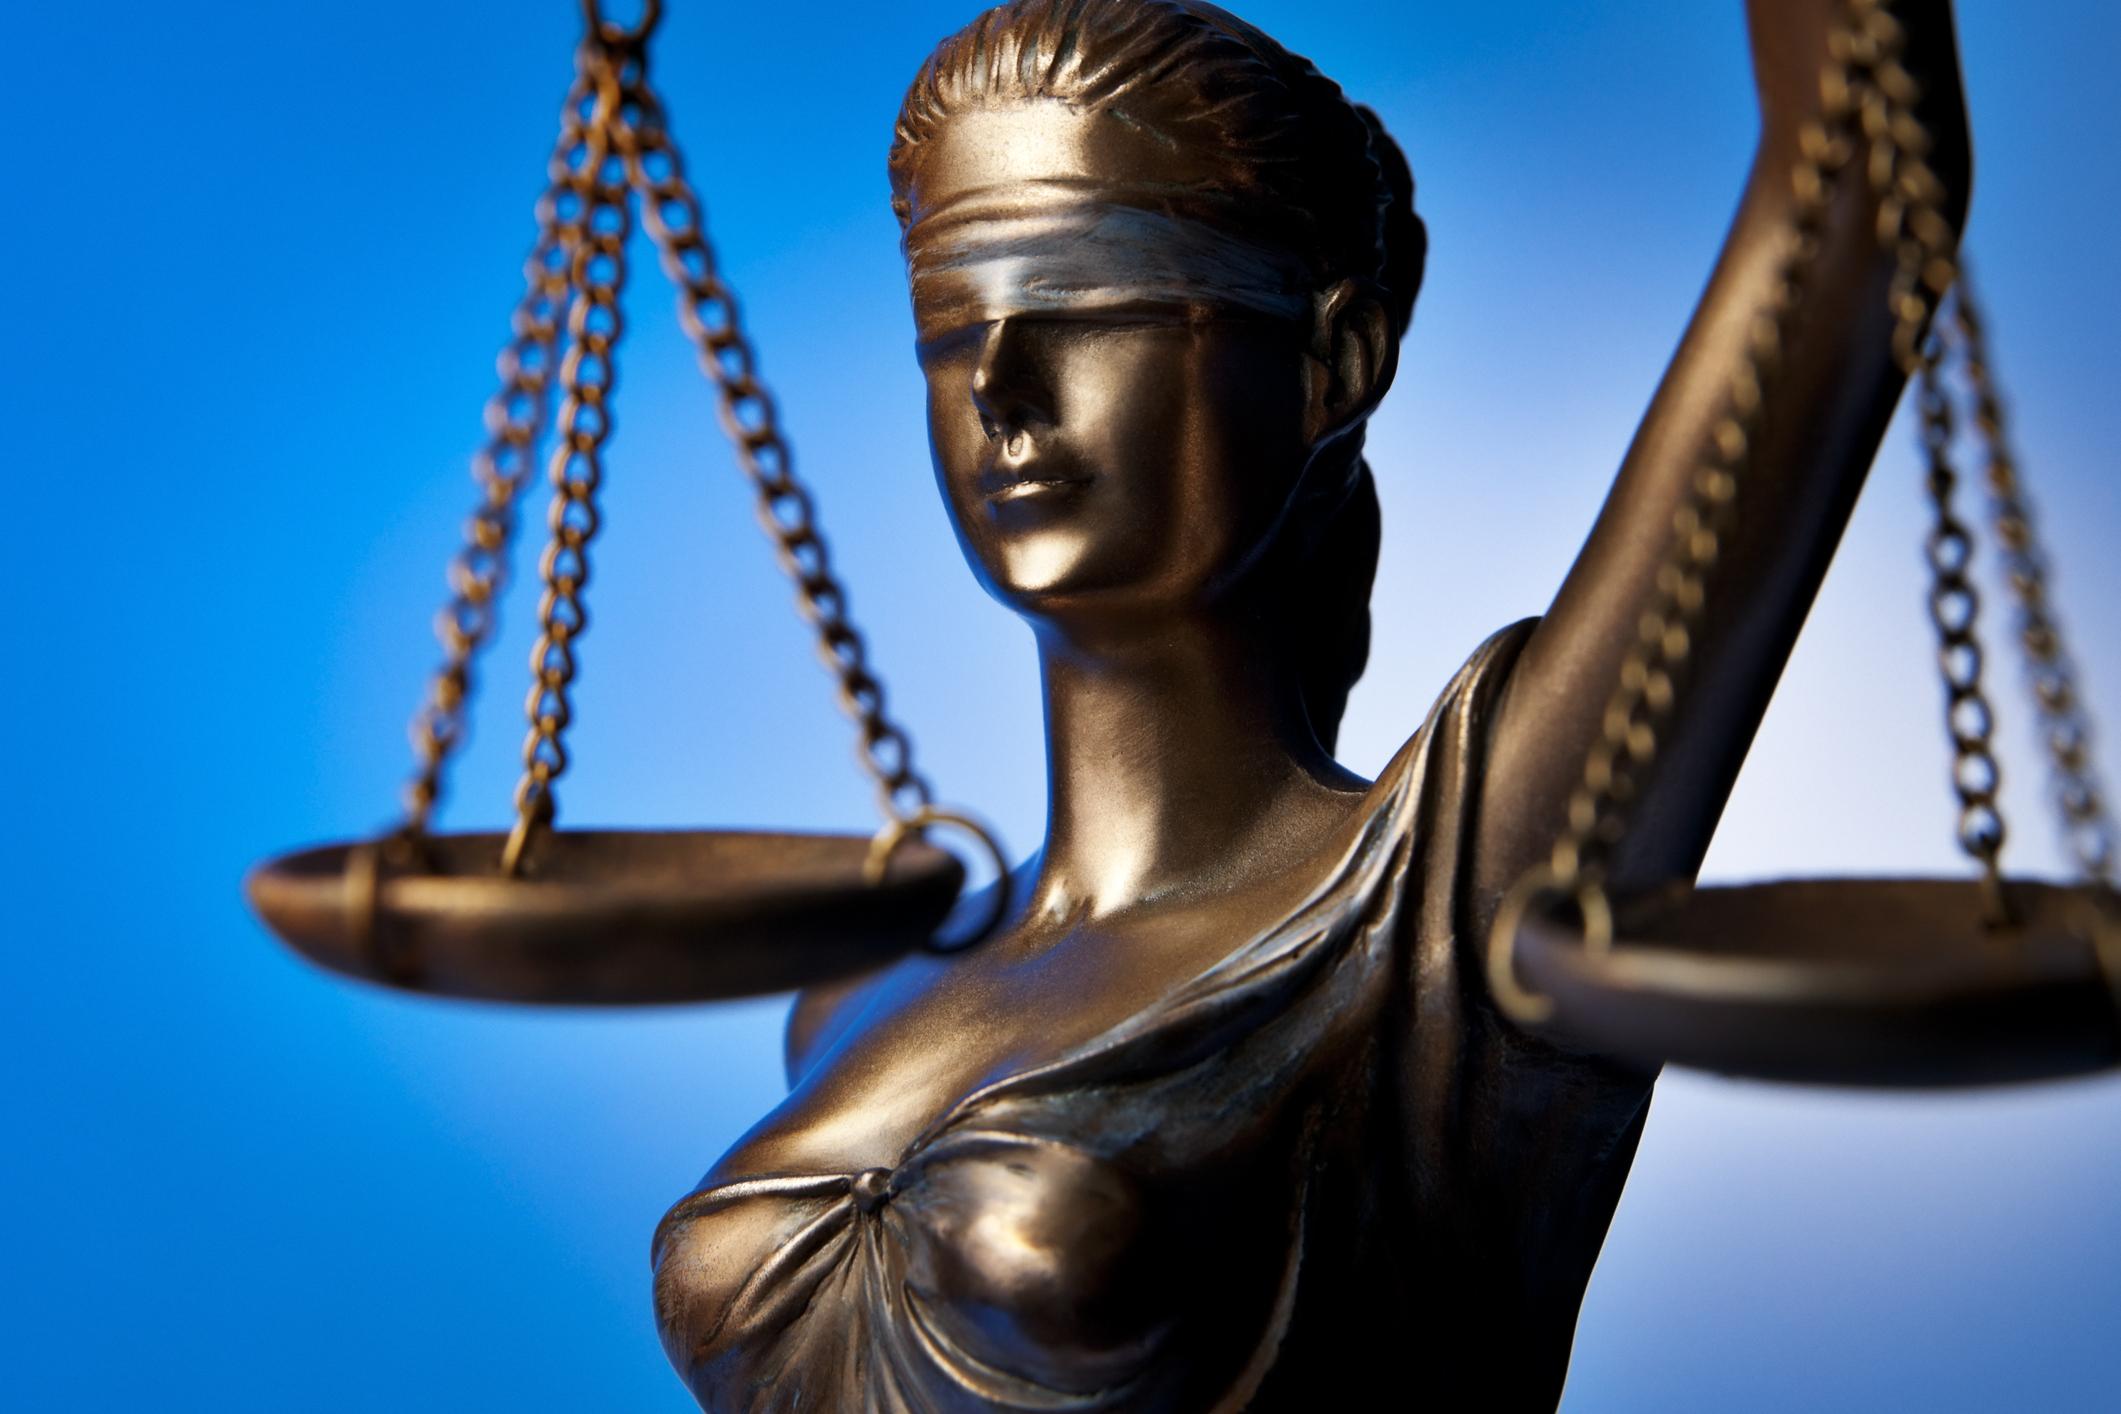 Использование поддельных прав карается законом